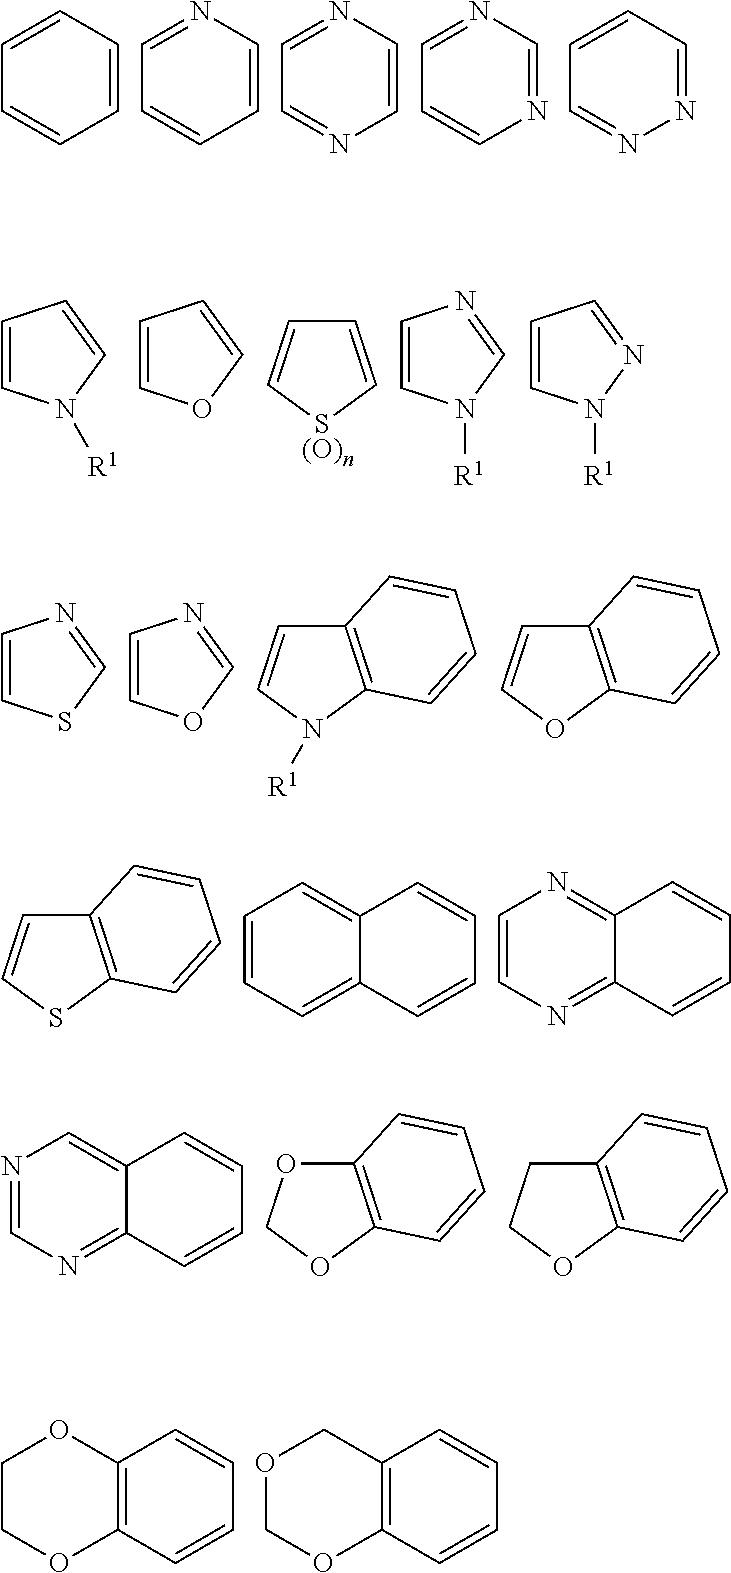 Figure US20110053905A1-20110303-C00019